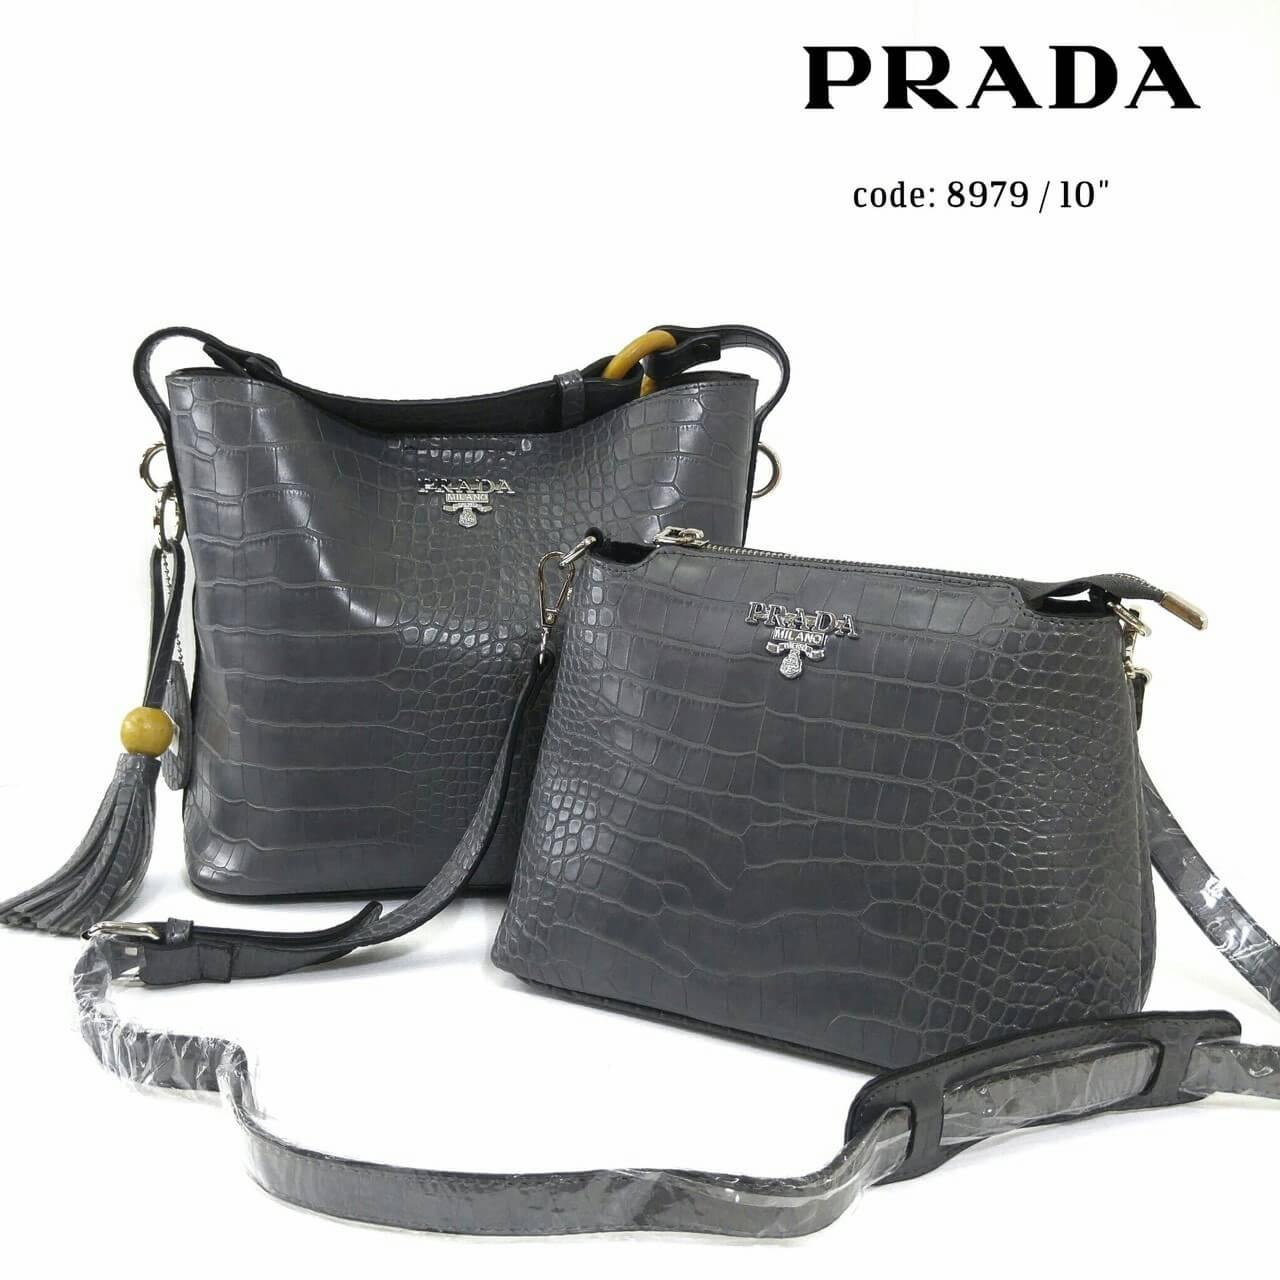 กระเป๋าแฟชั่น ชุดเซ็ต 2 ใบ สไตล์ Prada สวยหรู หนัง PU ลายจรเข้อย่างดี ทรงสวยใบใหญ่ 10 นิ้ว แต่งพู่หนังสวยมีสไตล์ ใบเล็กแยก มีสายยาวเป็นกระ เป๋าสะพายได้ สวยเข้าชุด สุดคุ้ม